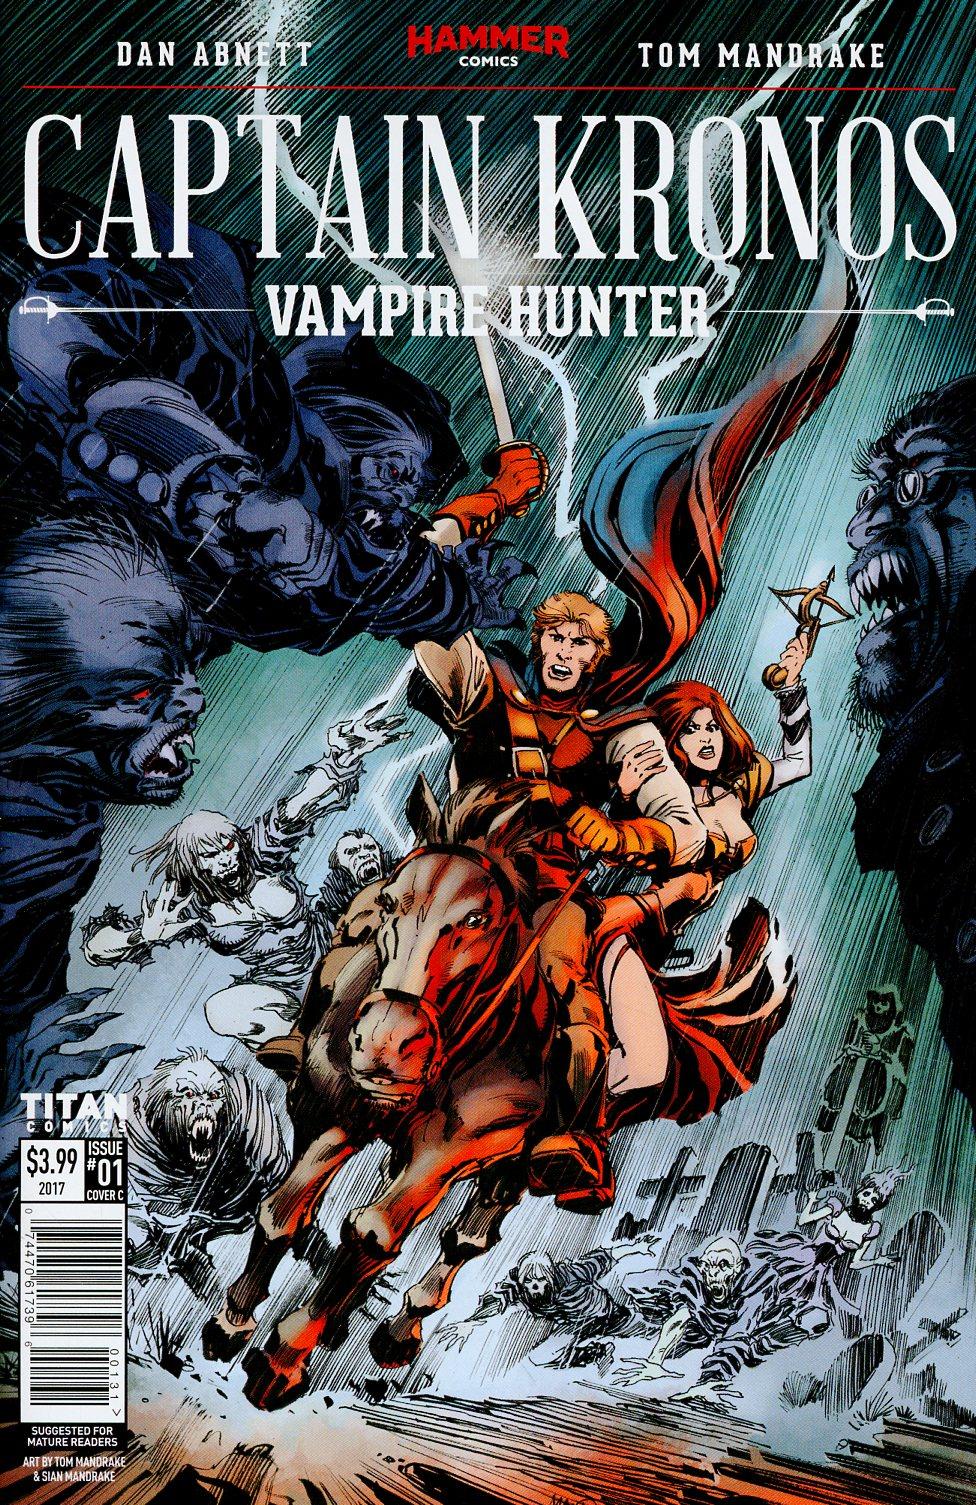 Hammer Comics Captain Kronos Vampire Hunter #1 Cover C Variant Tom Mandrake Cover